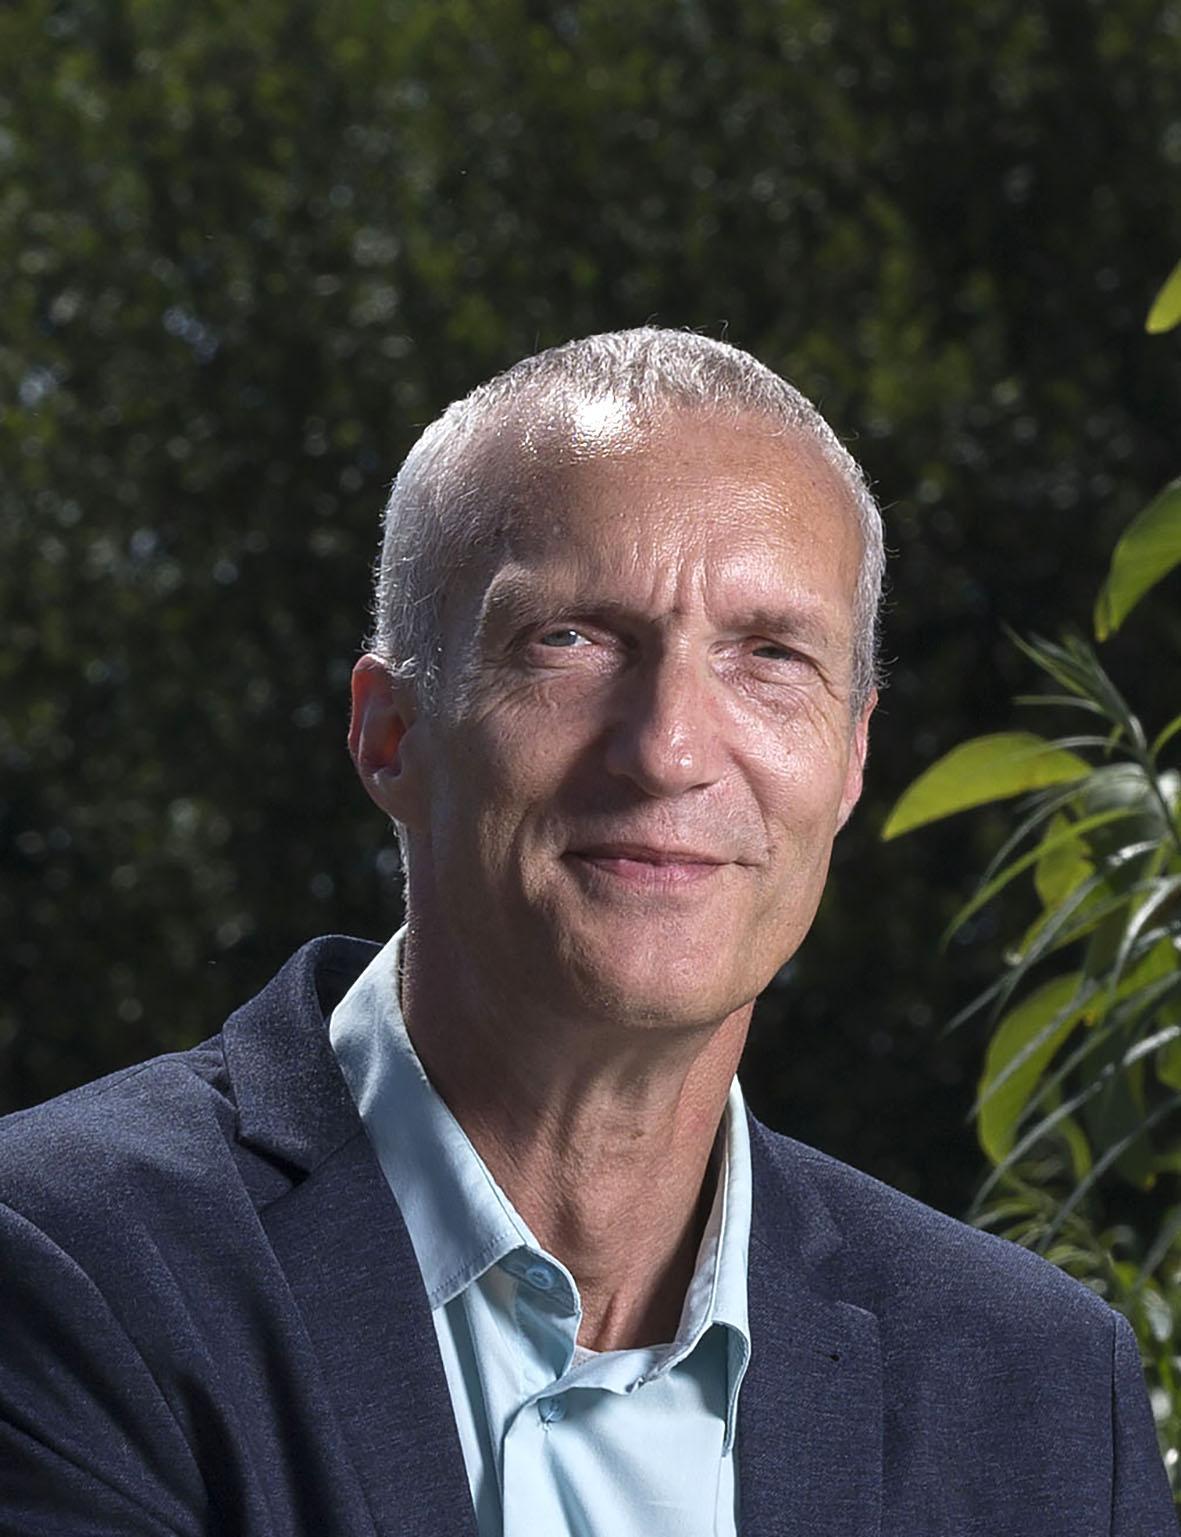 Wethouder van een coalitiepartij, partijvoorzitter van een oppositiepartij. Helders raadslid Marinus Vermooten: 'Wij willen Remco Duijnker niet langer als partijvoorzitter'